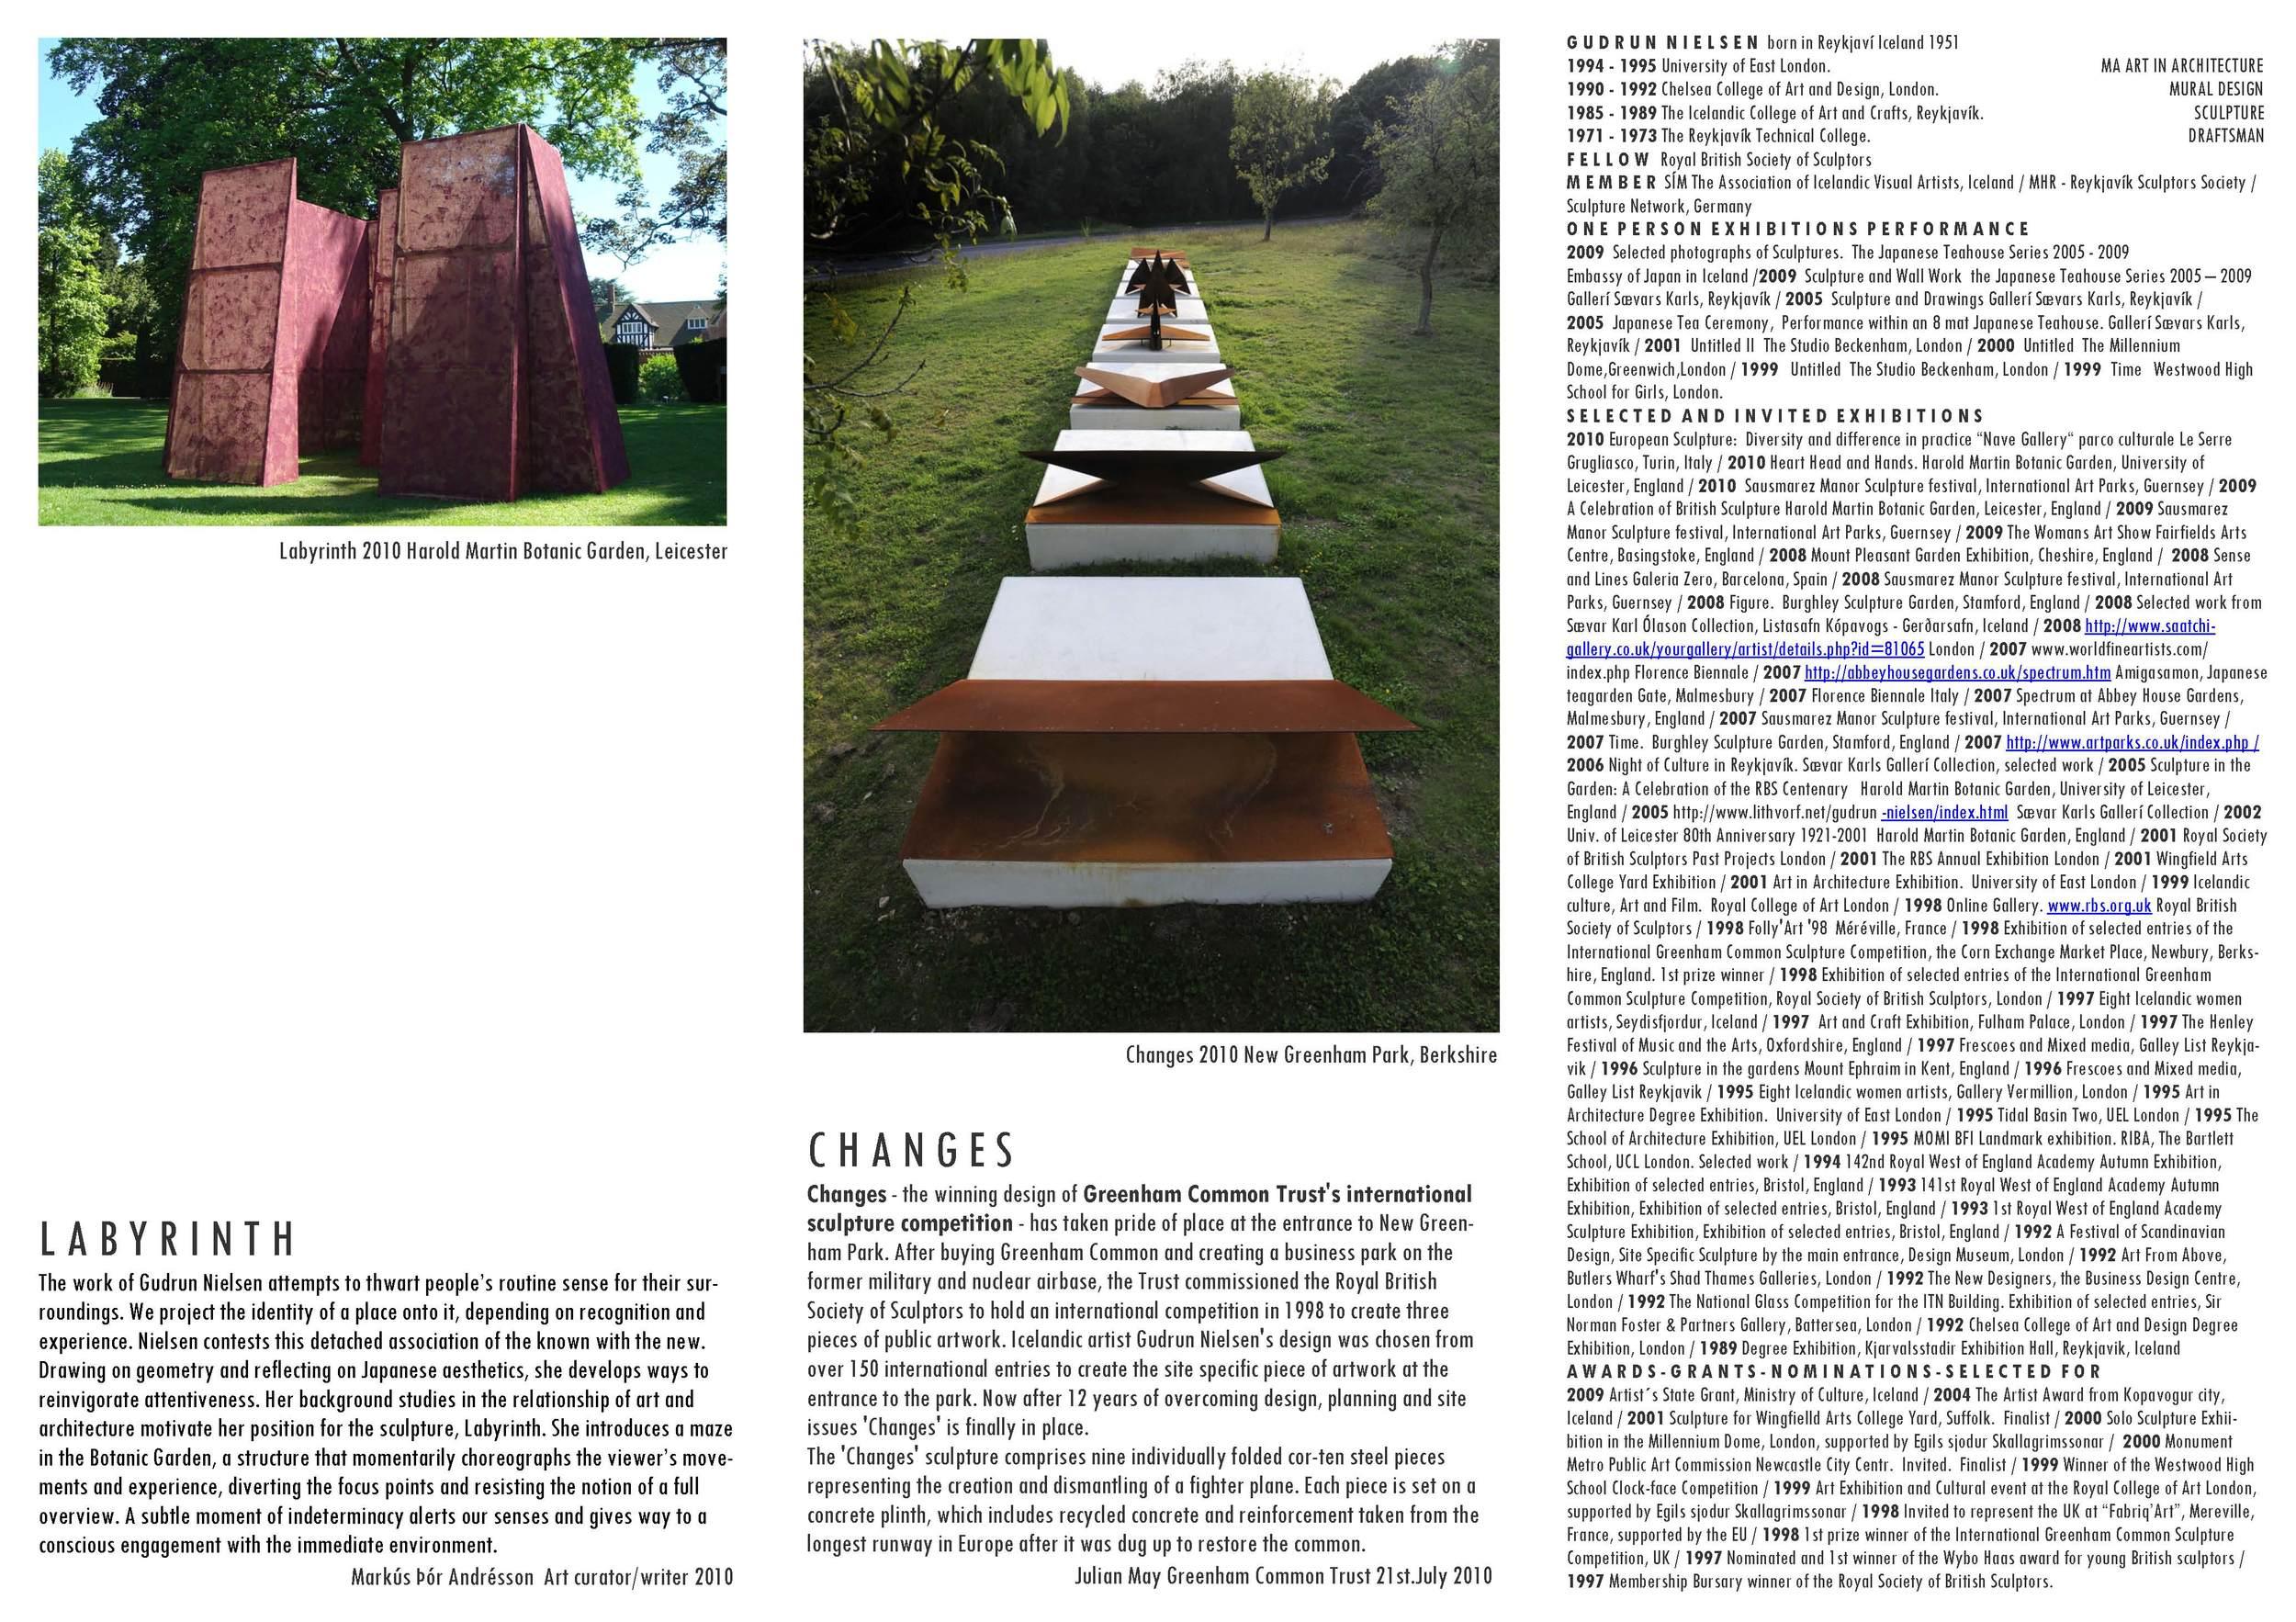 A4 fyrir Ítalíu Gudrun Nielsen.jpg bbb_Page_2.jpg